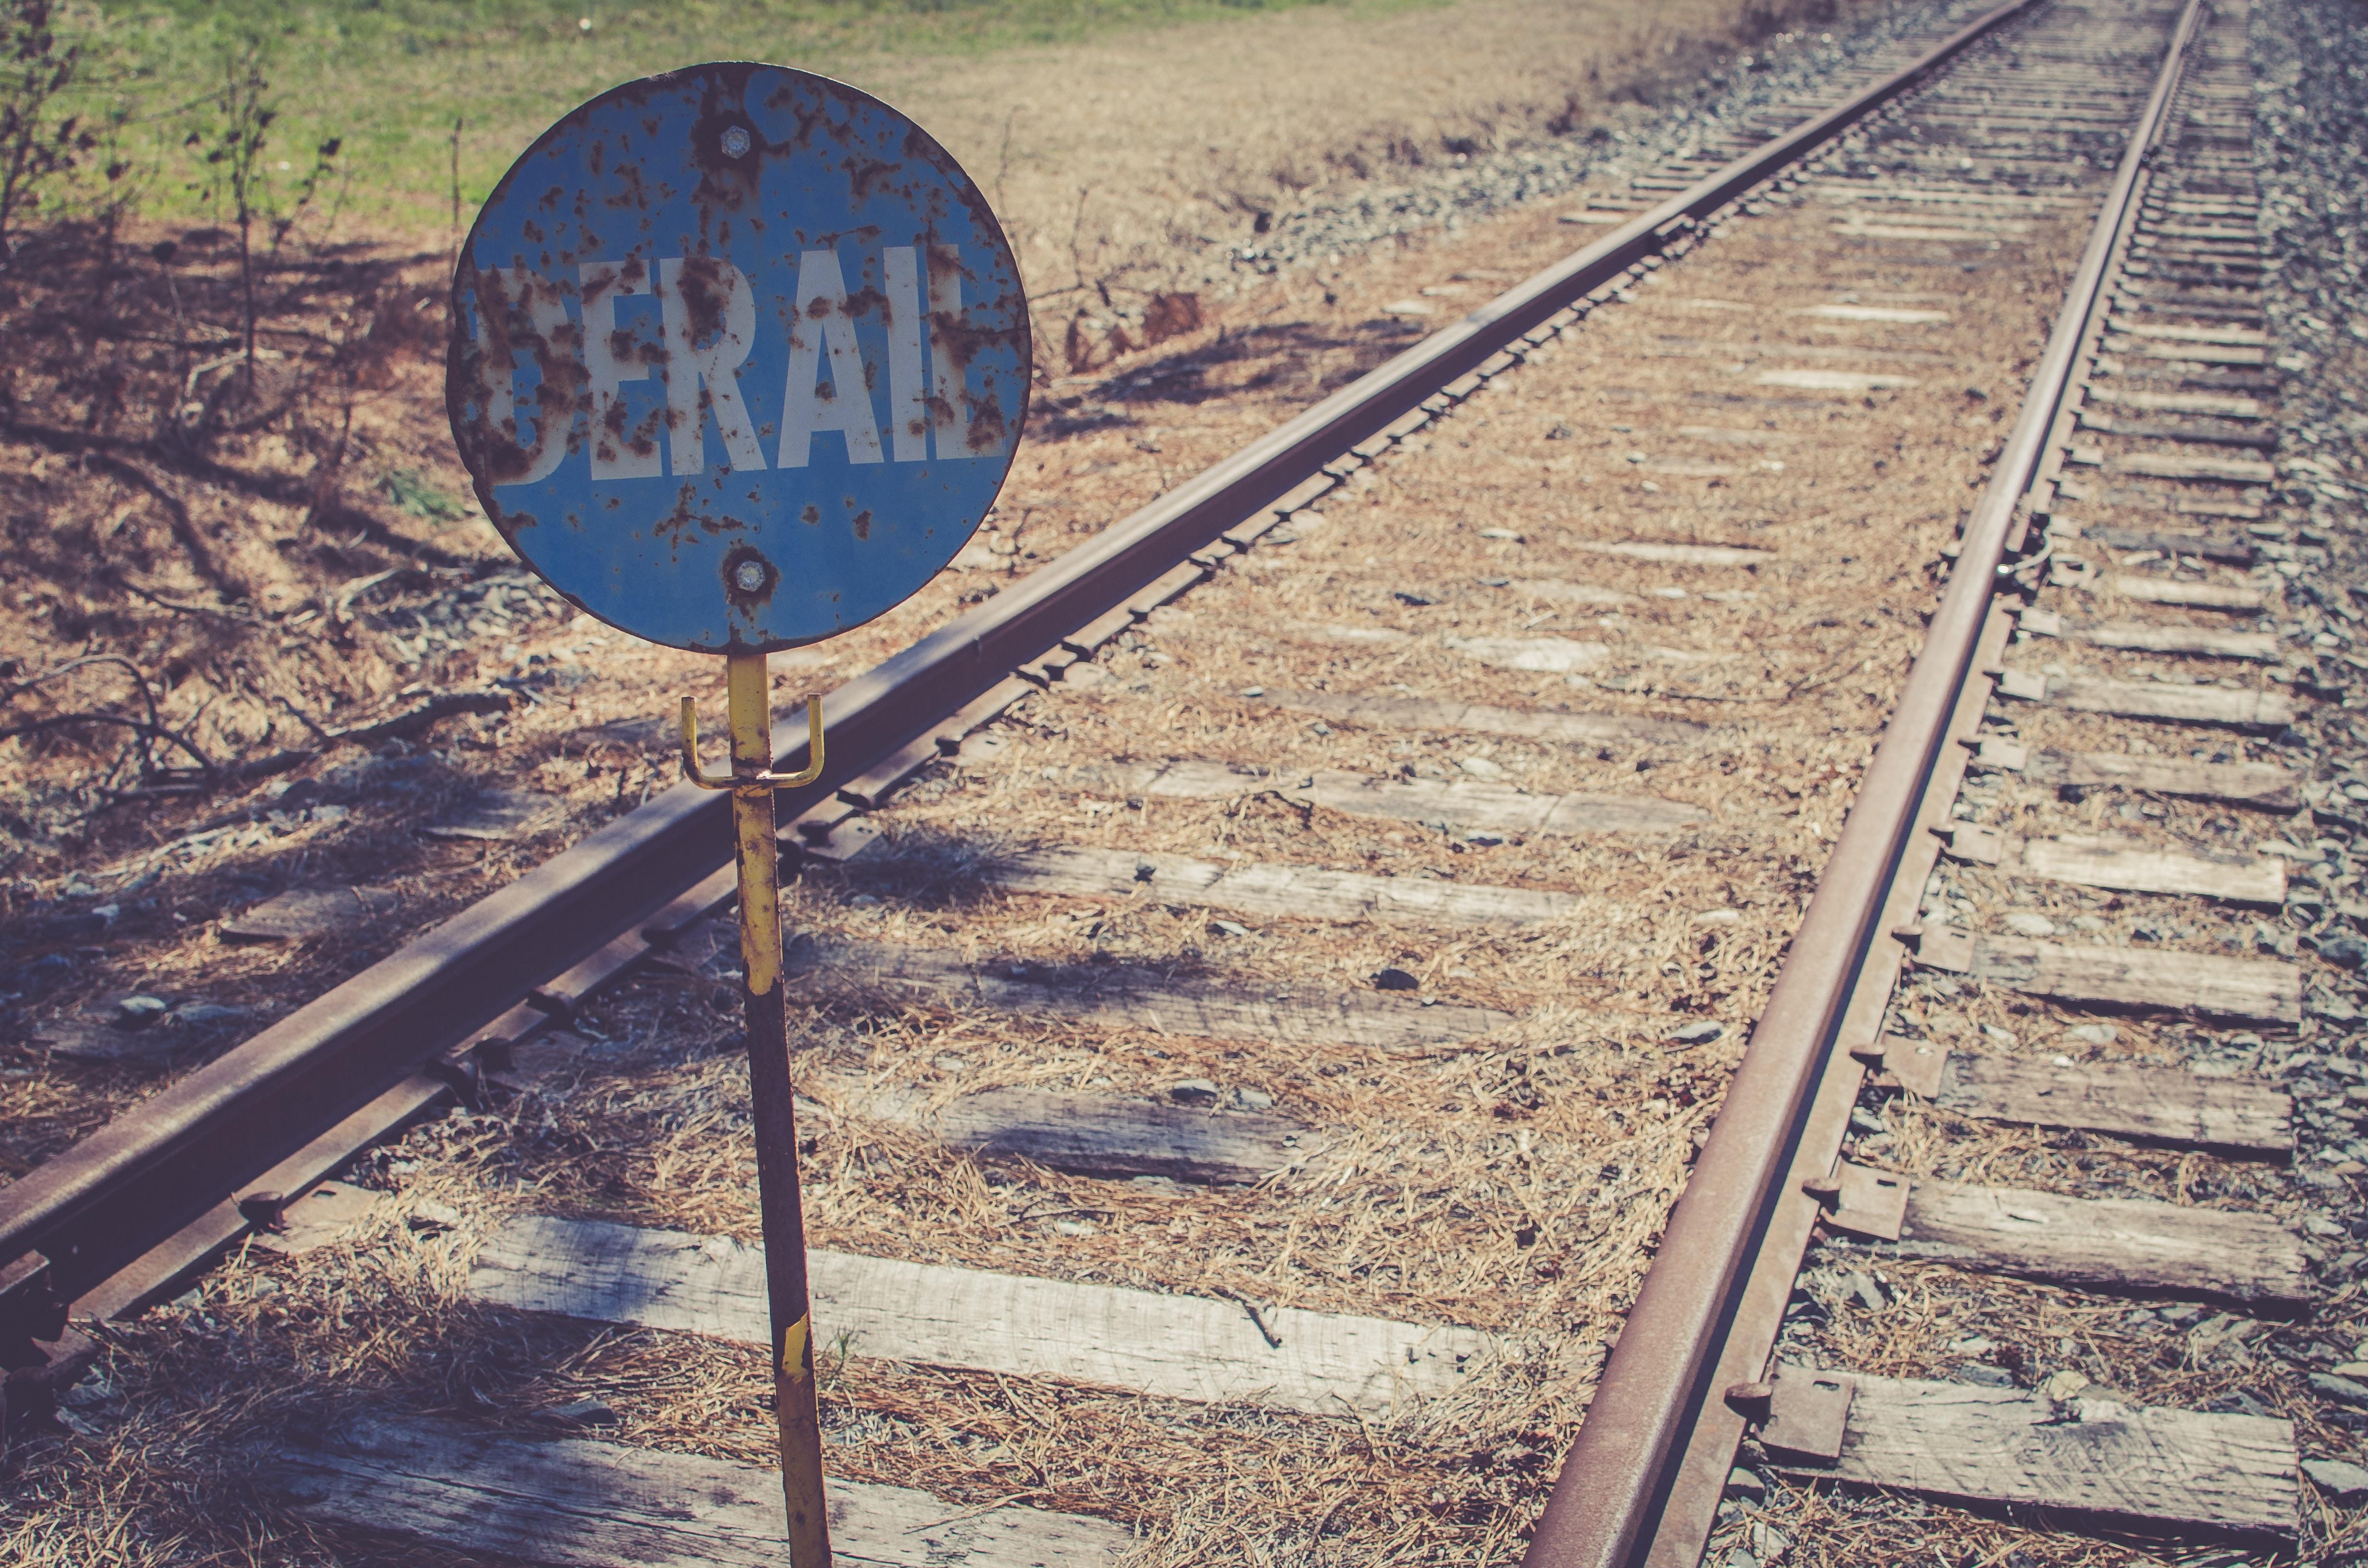 derail sign in railway